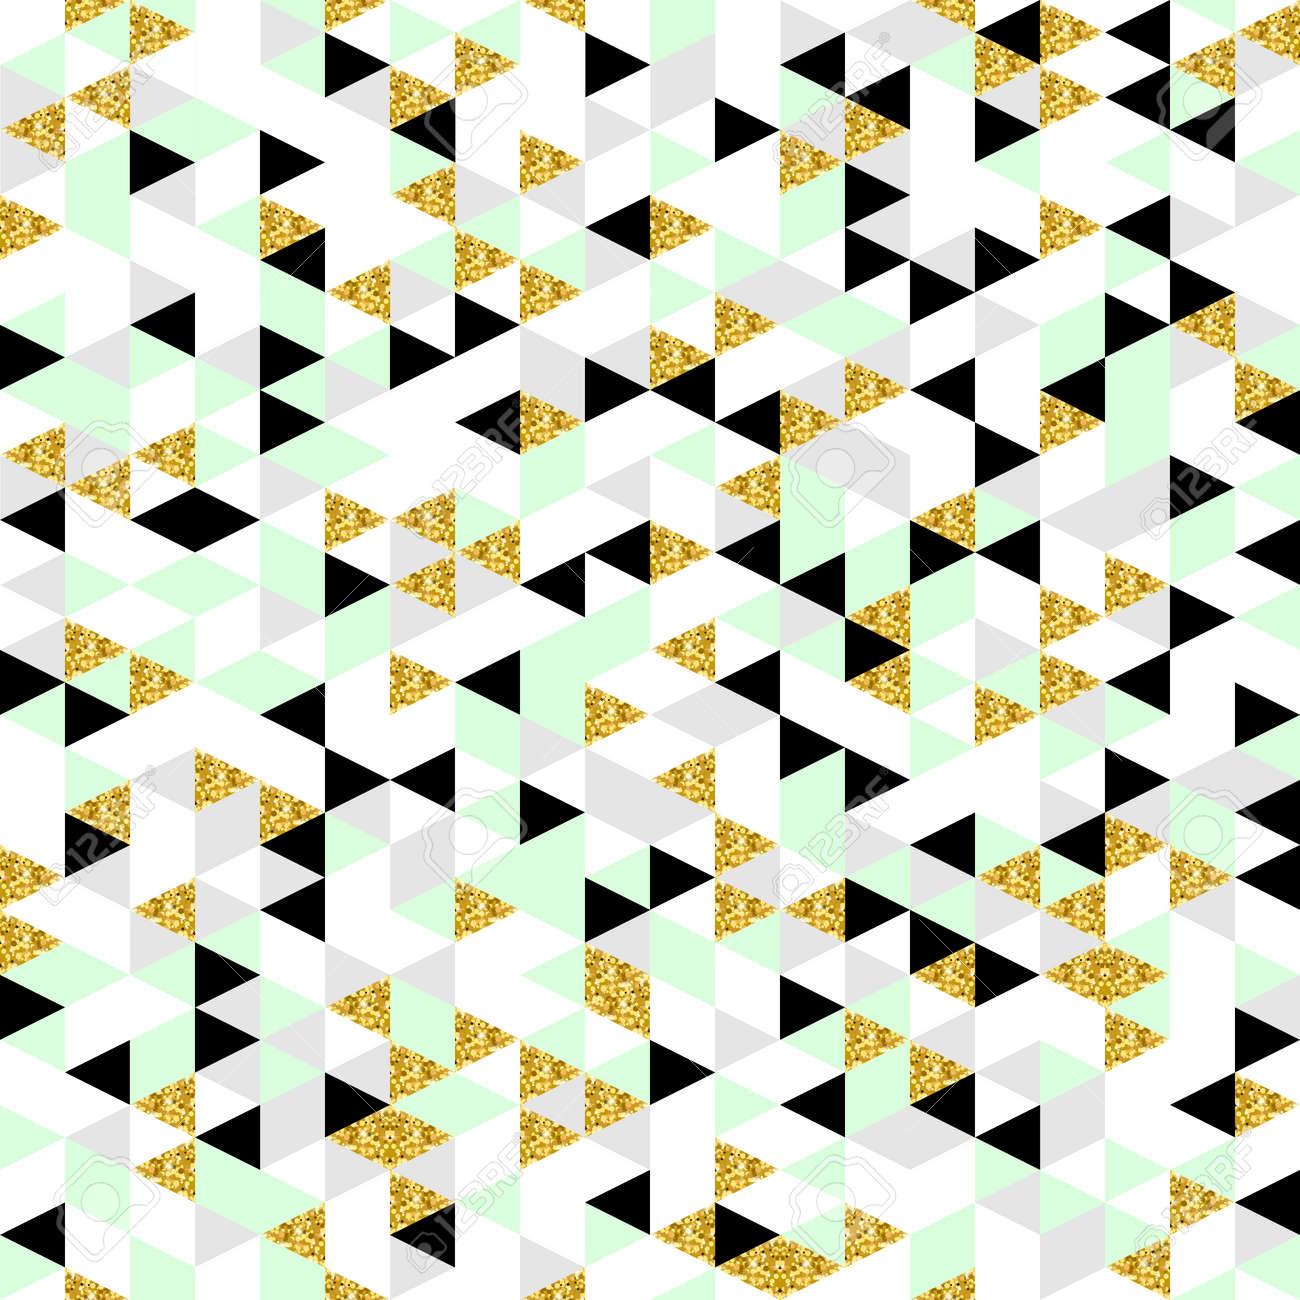 Banque Du0027images   Moderm Seamless Géométrique. Fond Trendy Triangulaire En  Or, Vert Pastel, Blanc, Gris Et Noir. Abstract Design Pour La Mode, La  Carte, ...